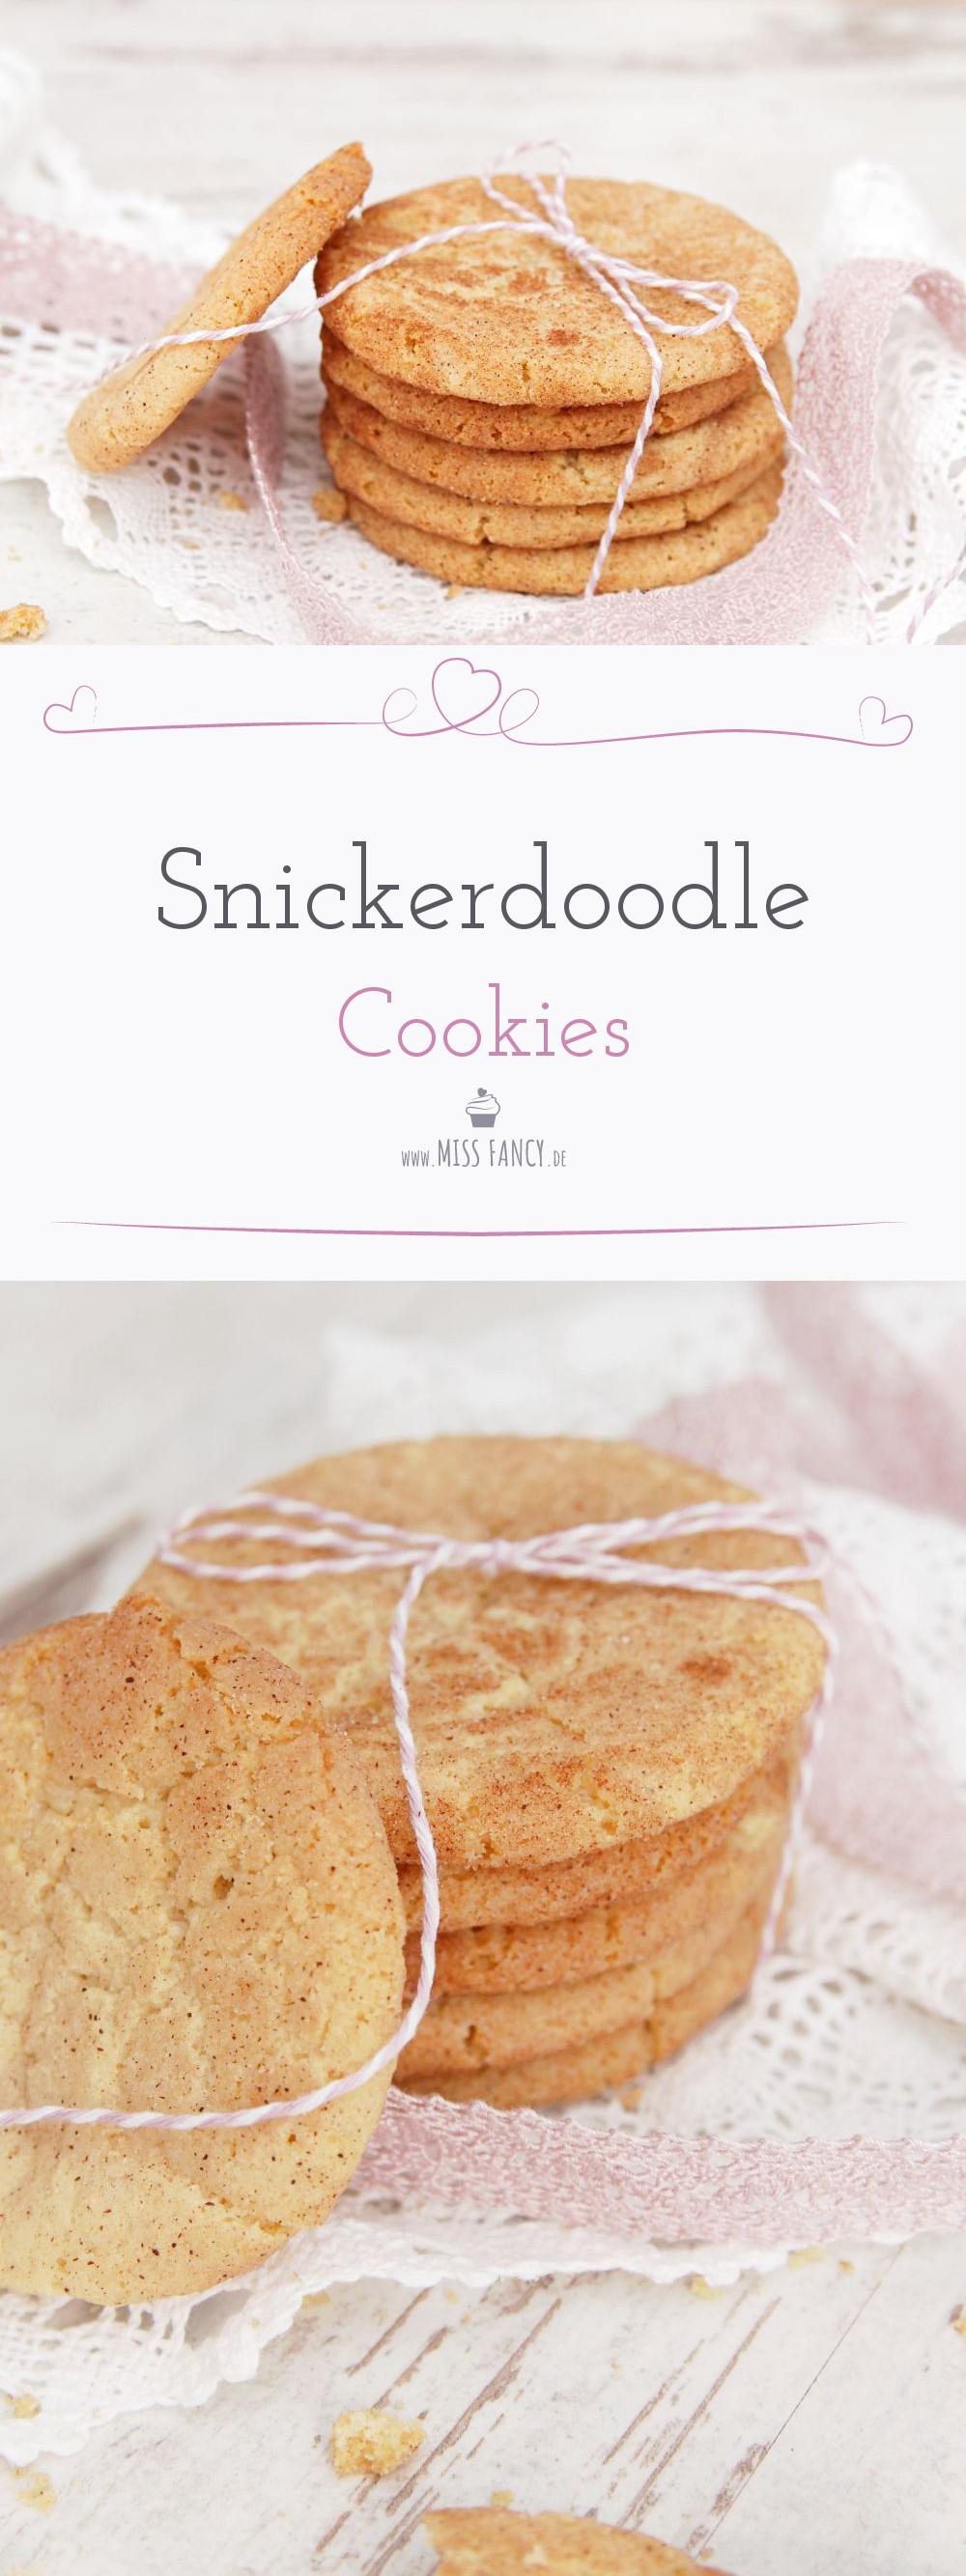 Rezept-Snickerdoodle-Cookies-2017-missfancy